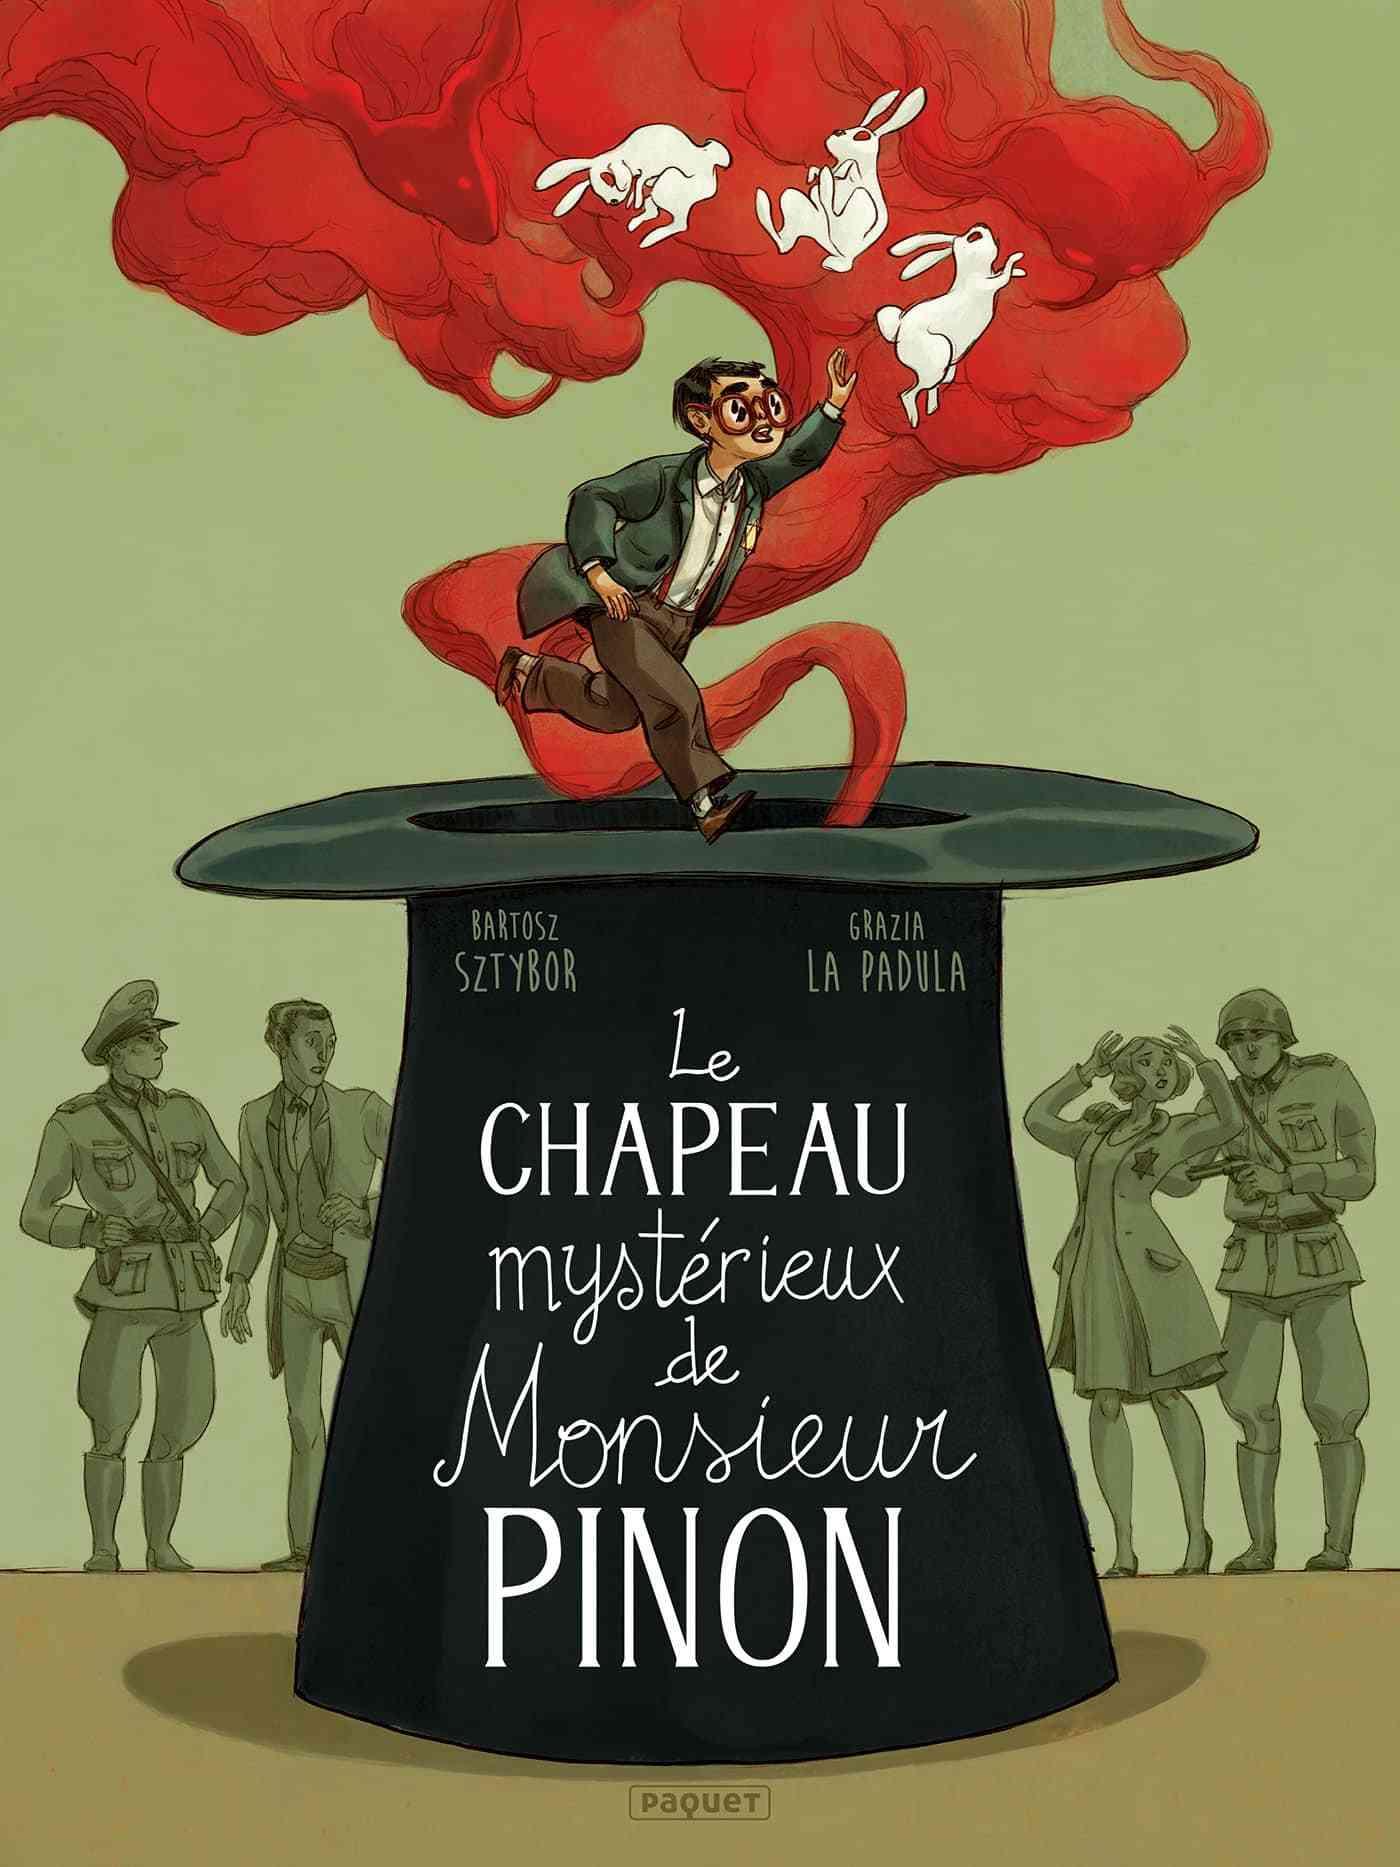 Le Chapeau mystérieux de Monsieur Pinon, magique